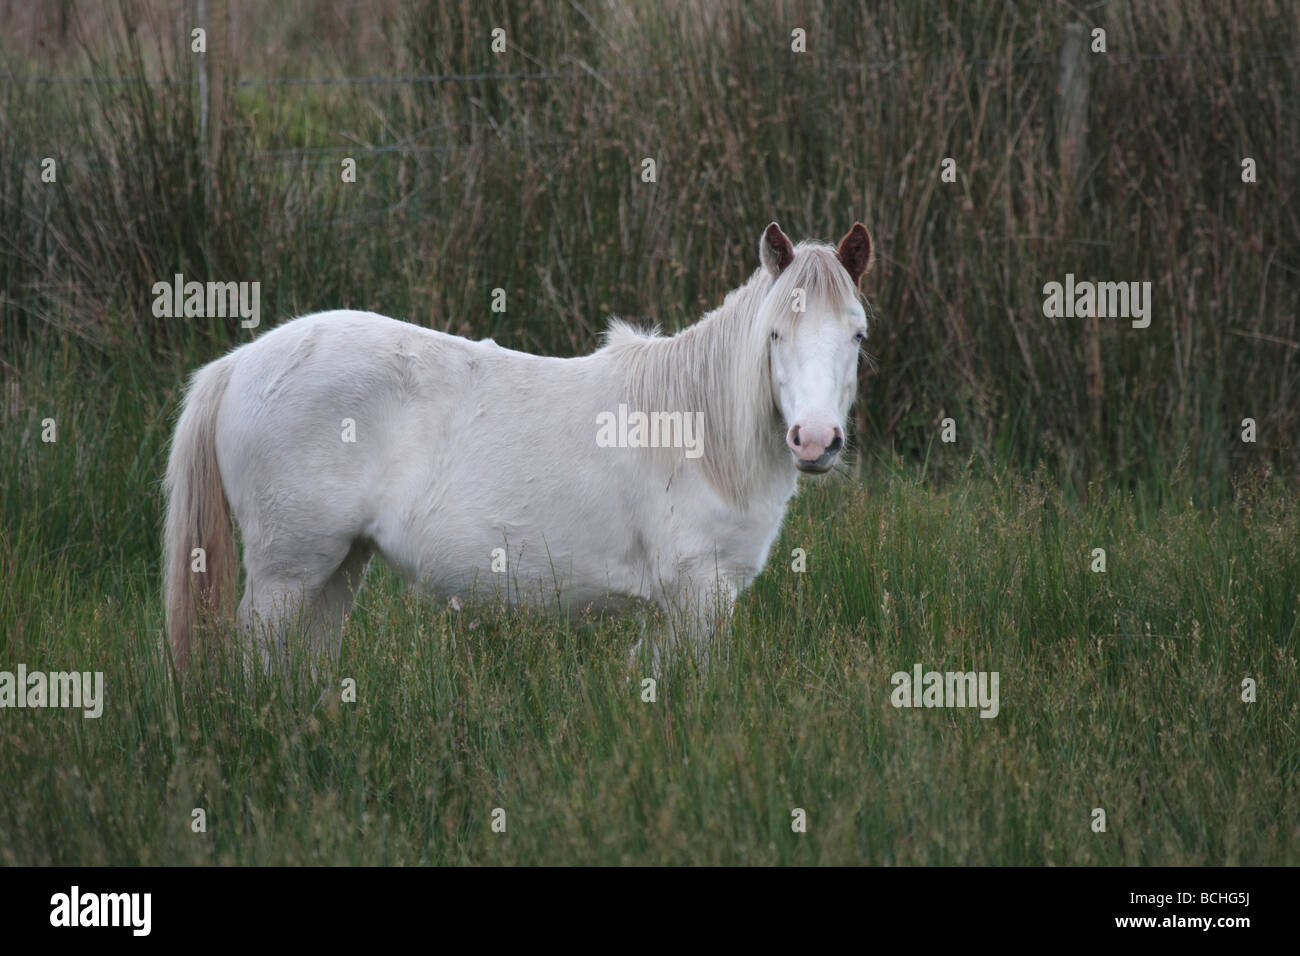 Irish Pony on upland pasture. - Stock Image